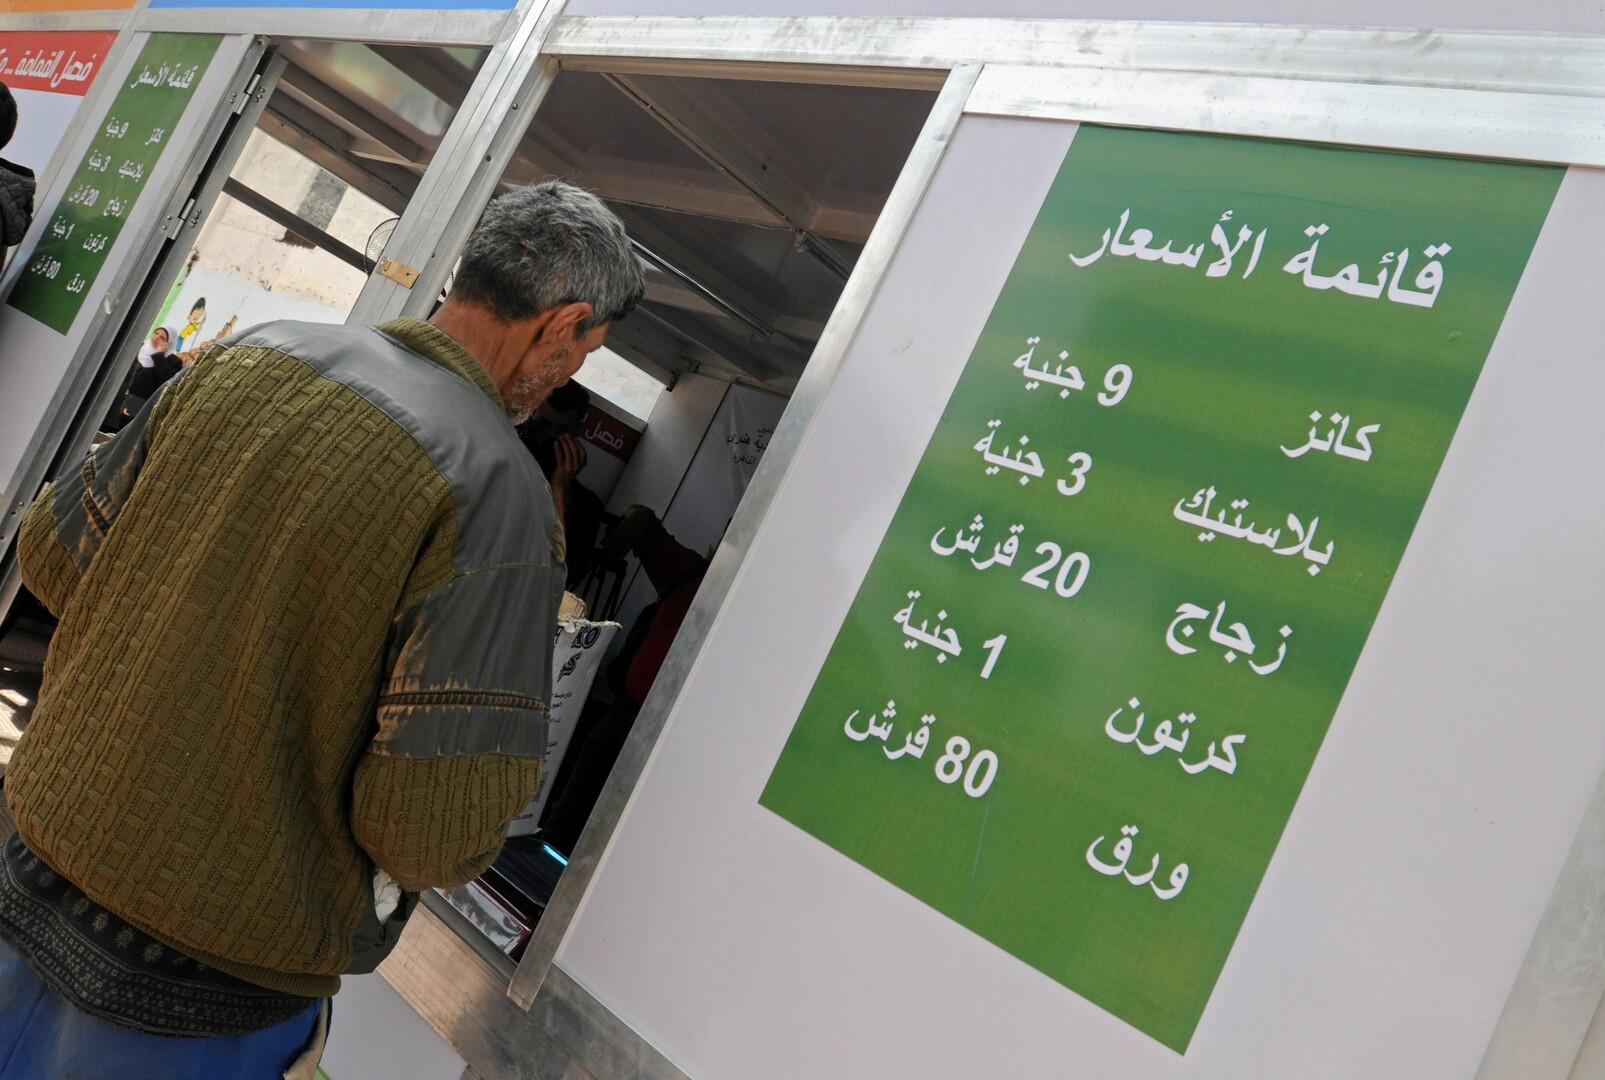 التضخم في مصر عند أدنى مستوى في أكثر من 6 سنوات